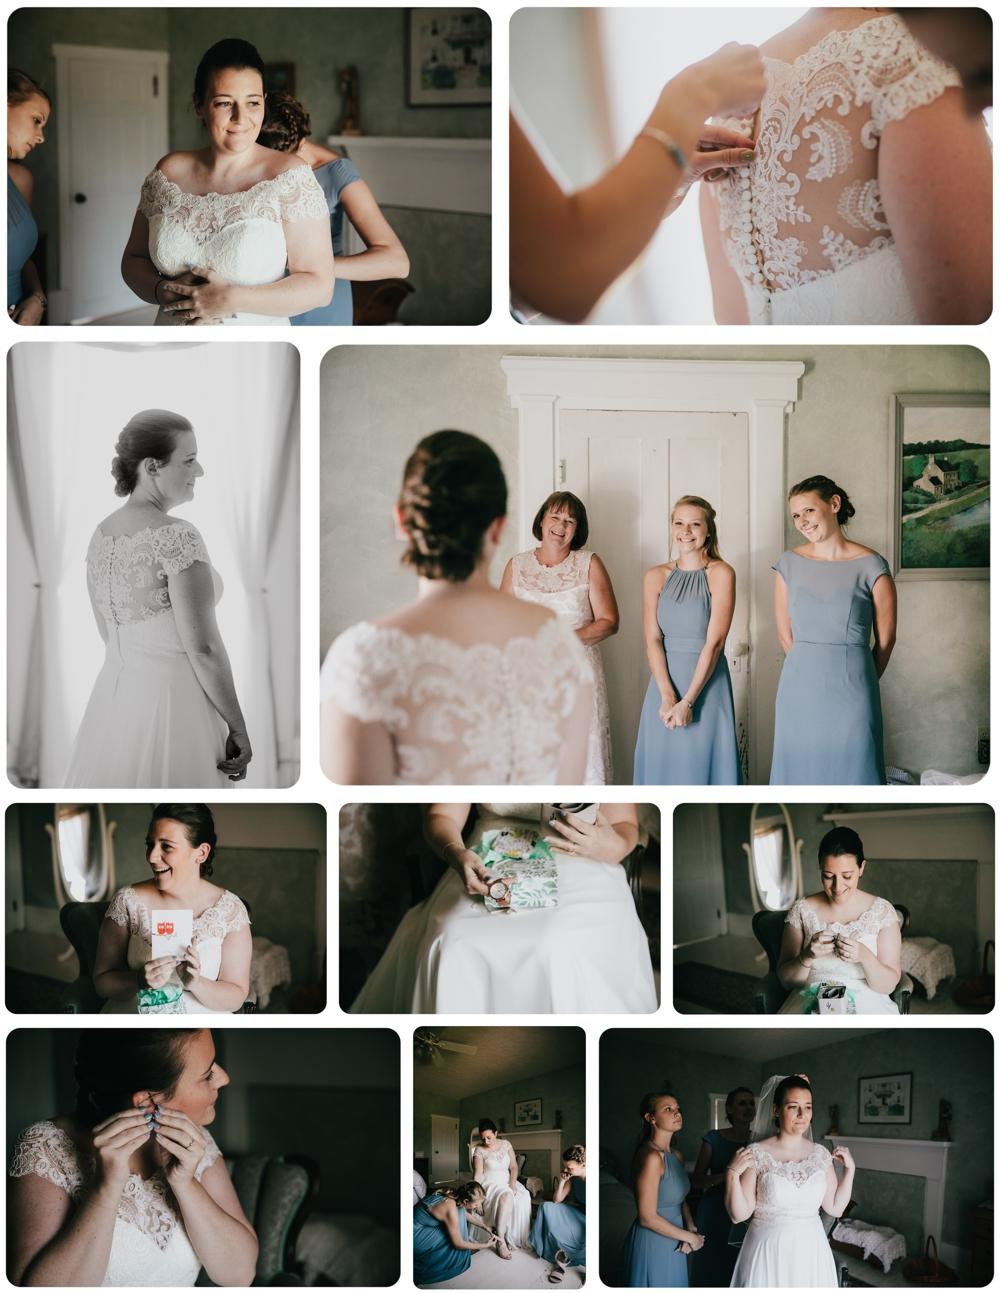 Kelly-Zach-Collage-2.jpg